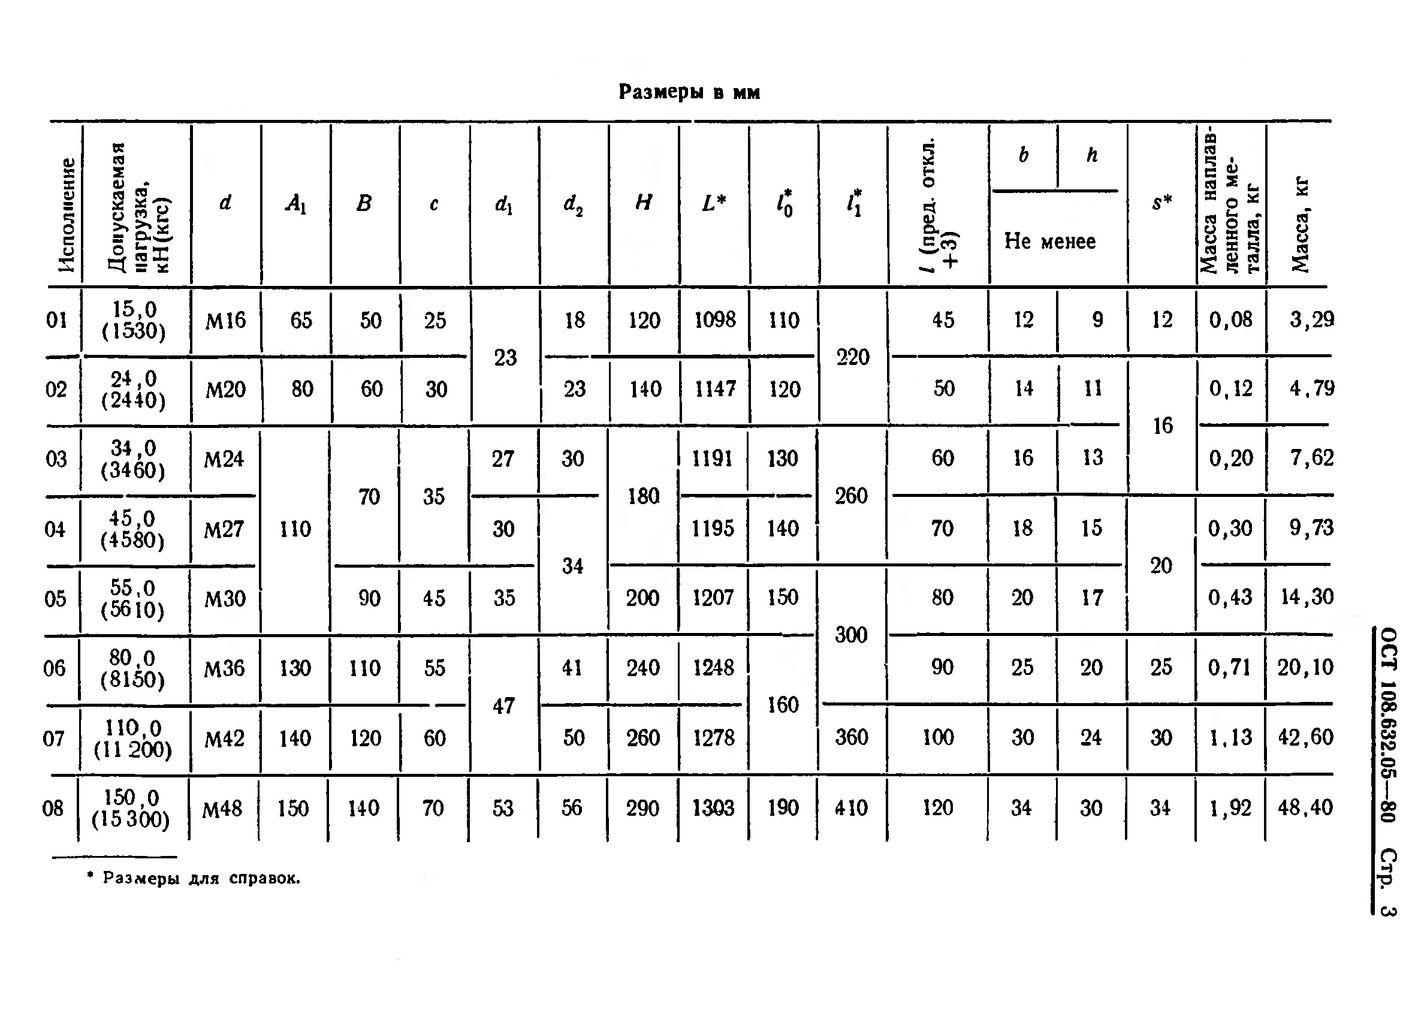 Тяги резьбовые с серьгой и муфтой ОСТ 108.632.05-80 стр.3